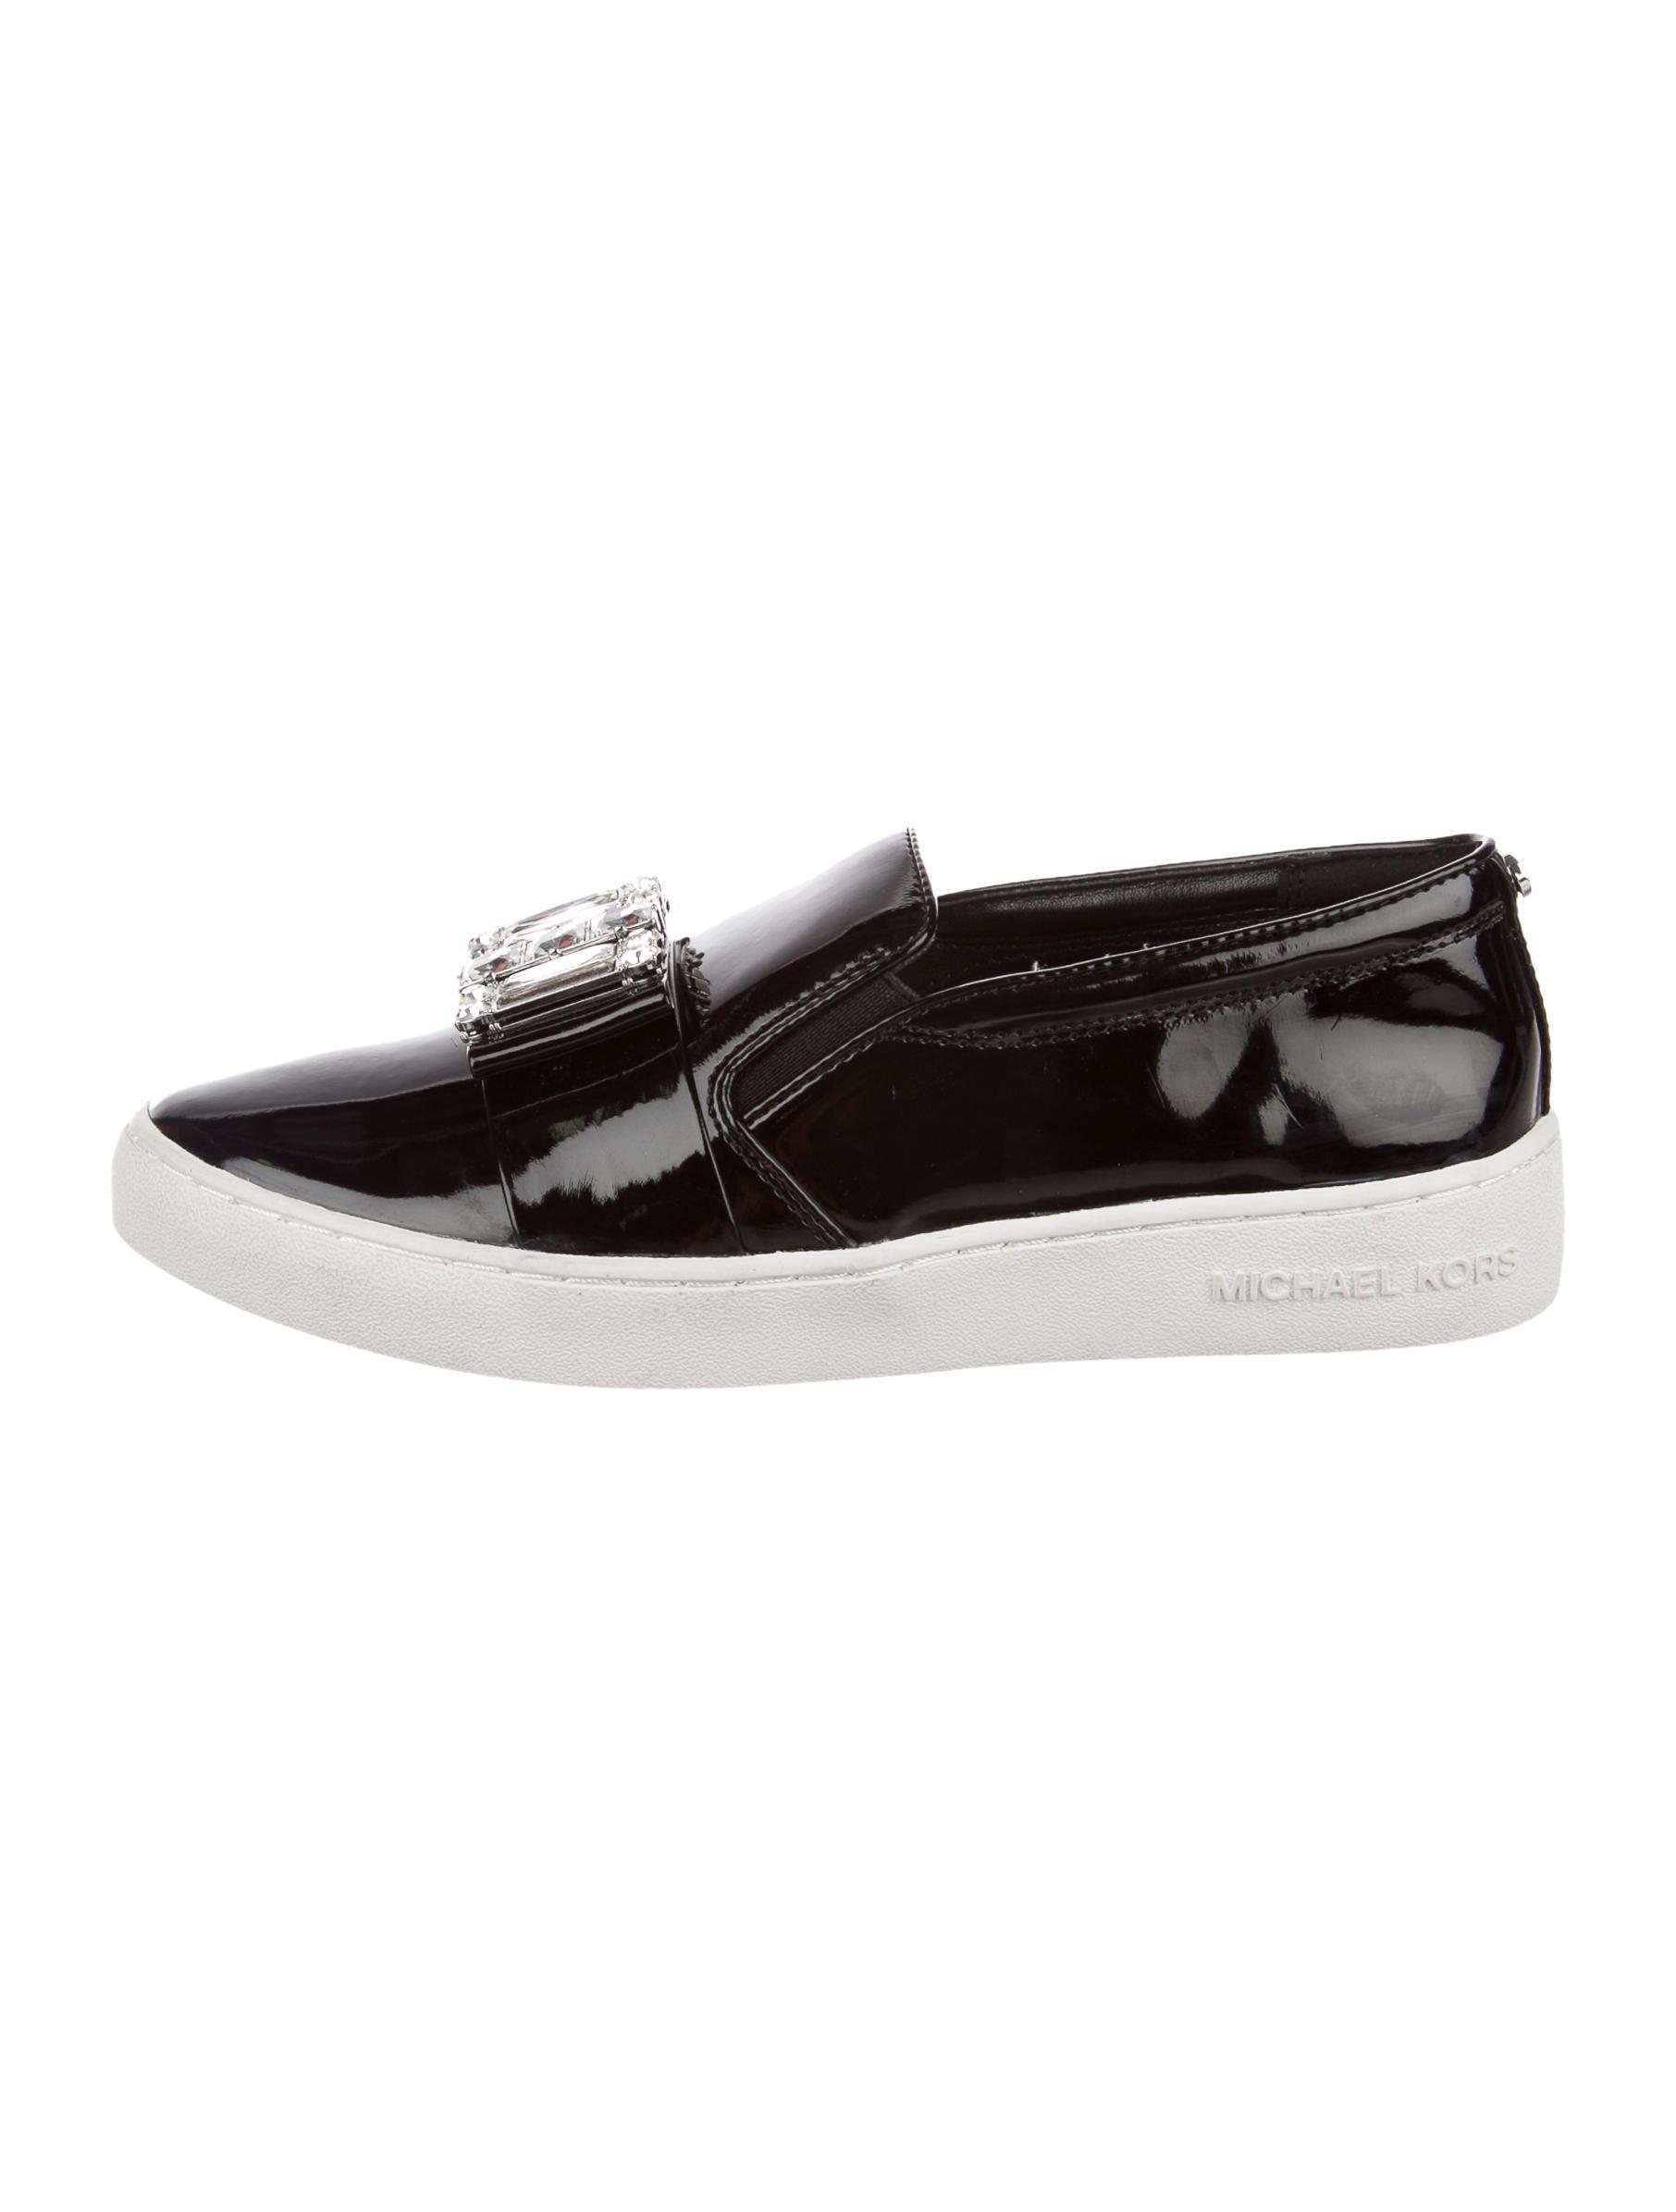 360df627b1 Lyst - Michael Michael Kors Michael Kors Michelle Slip-on Sneakers ...